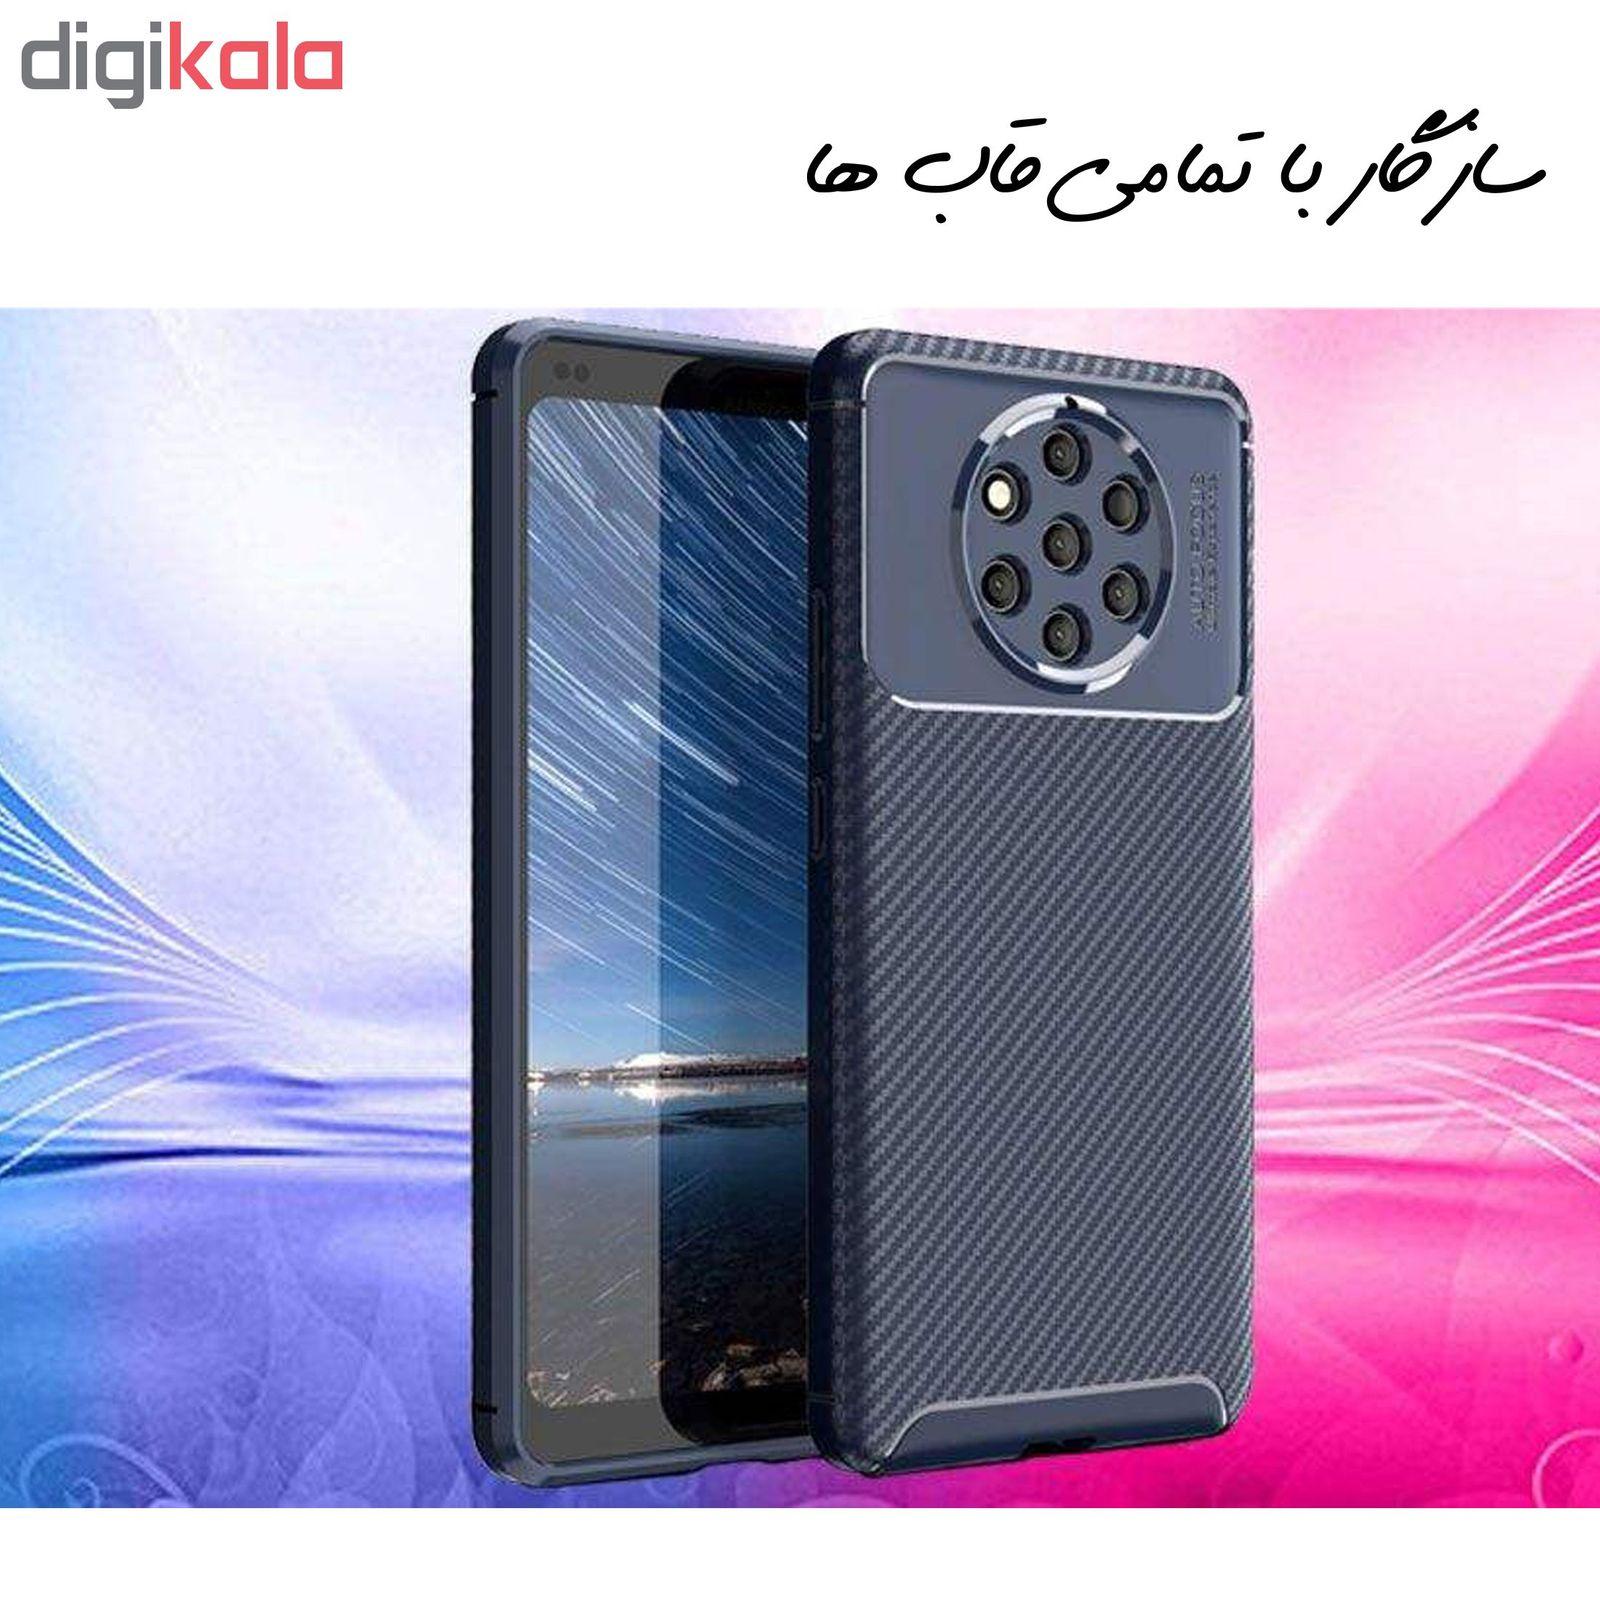 محافظ صفحه نمایش hard and thick مدل F-001 مناسب برای گوشی موبایل سامسونگ Galaxy A20 بسته دو عددی main 1 5